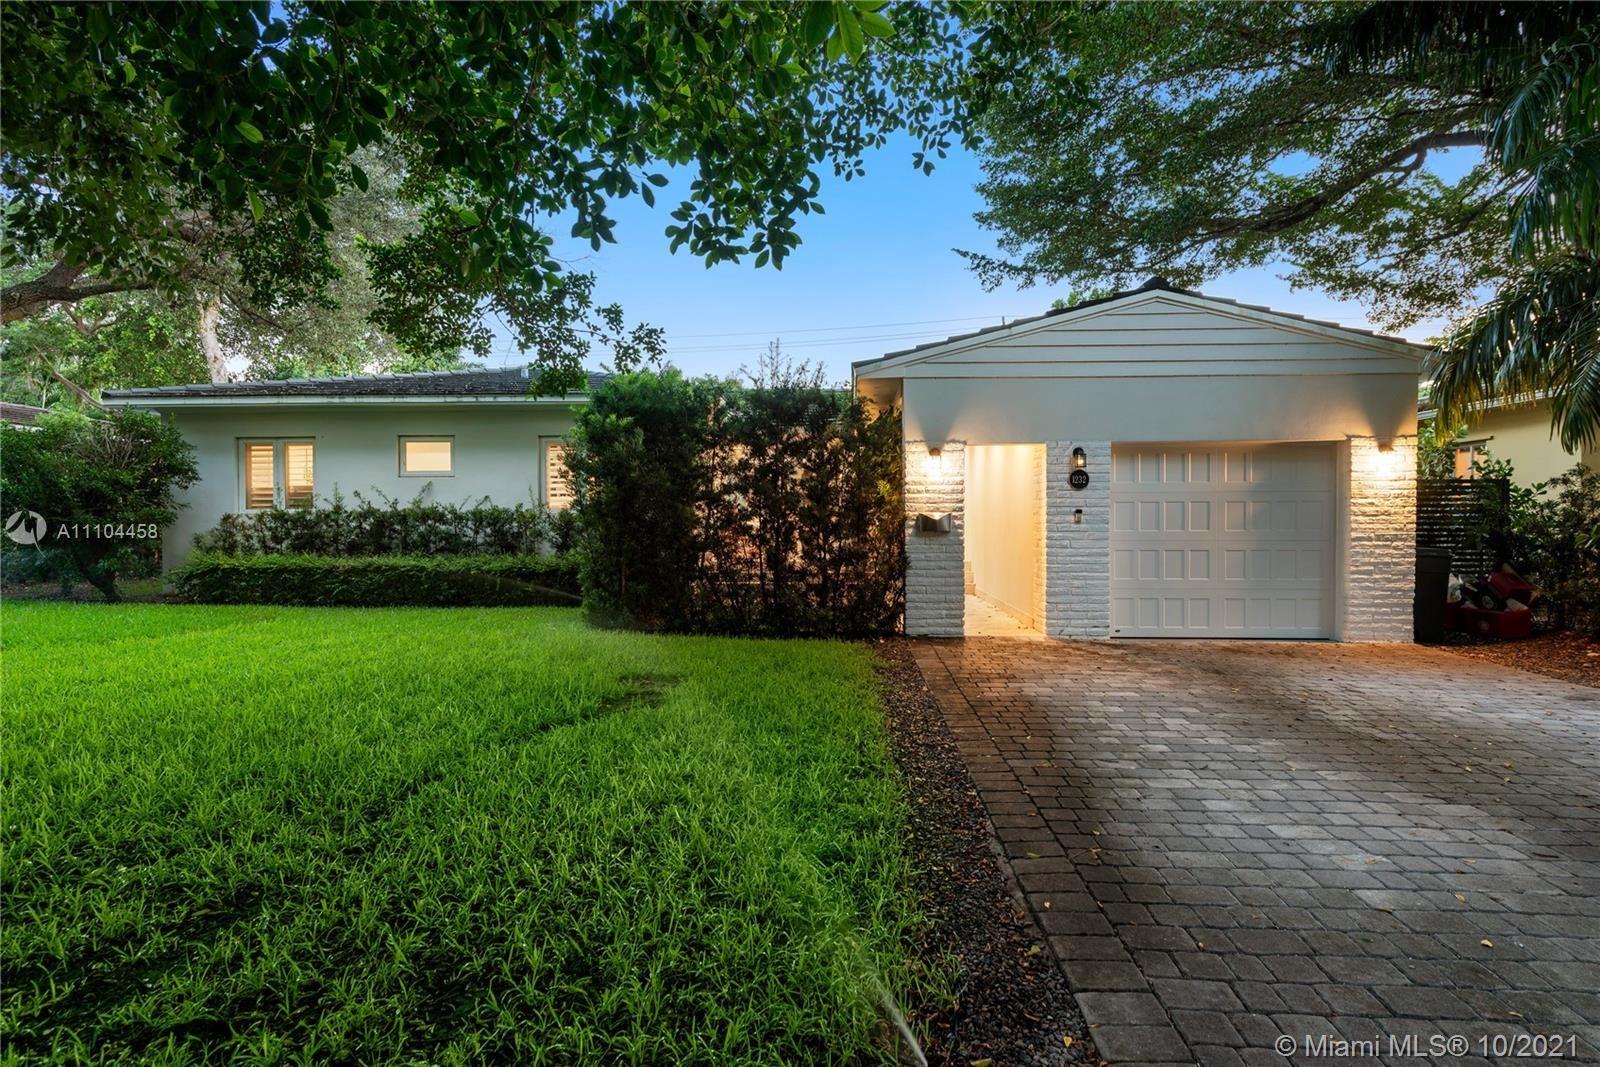 1232 Manati Ave, Coral Gables, FL 33146 - #: A11104458